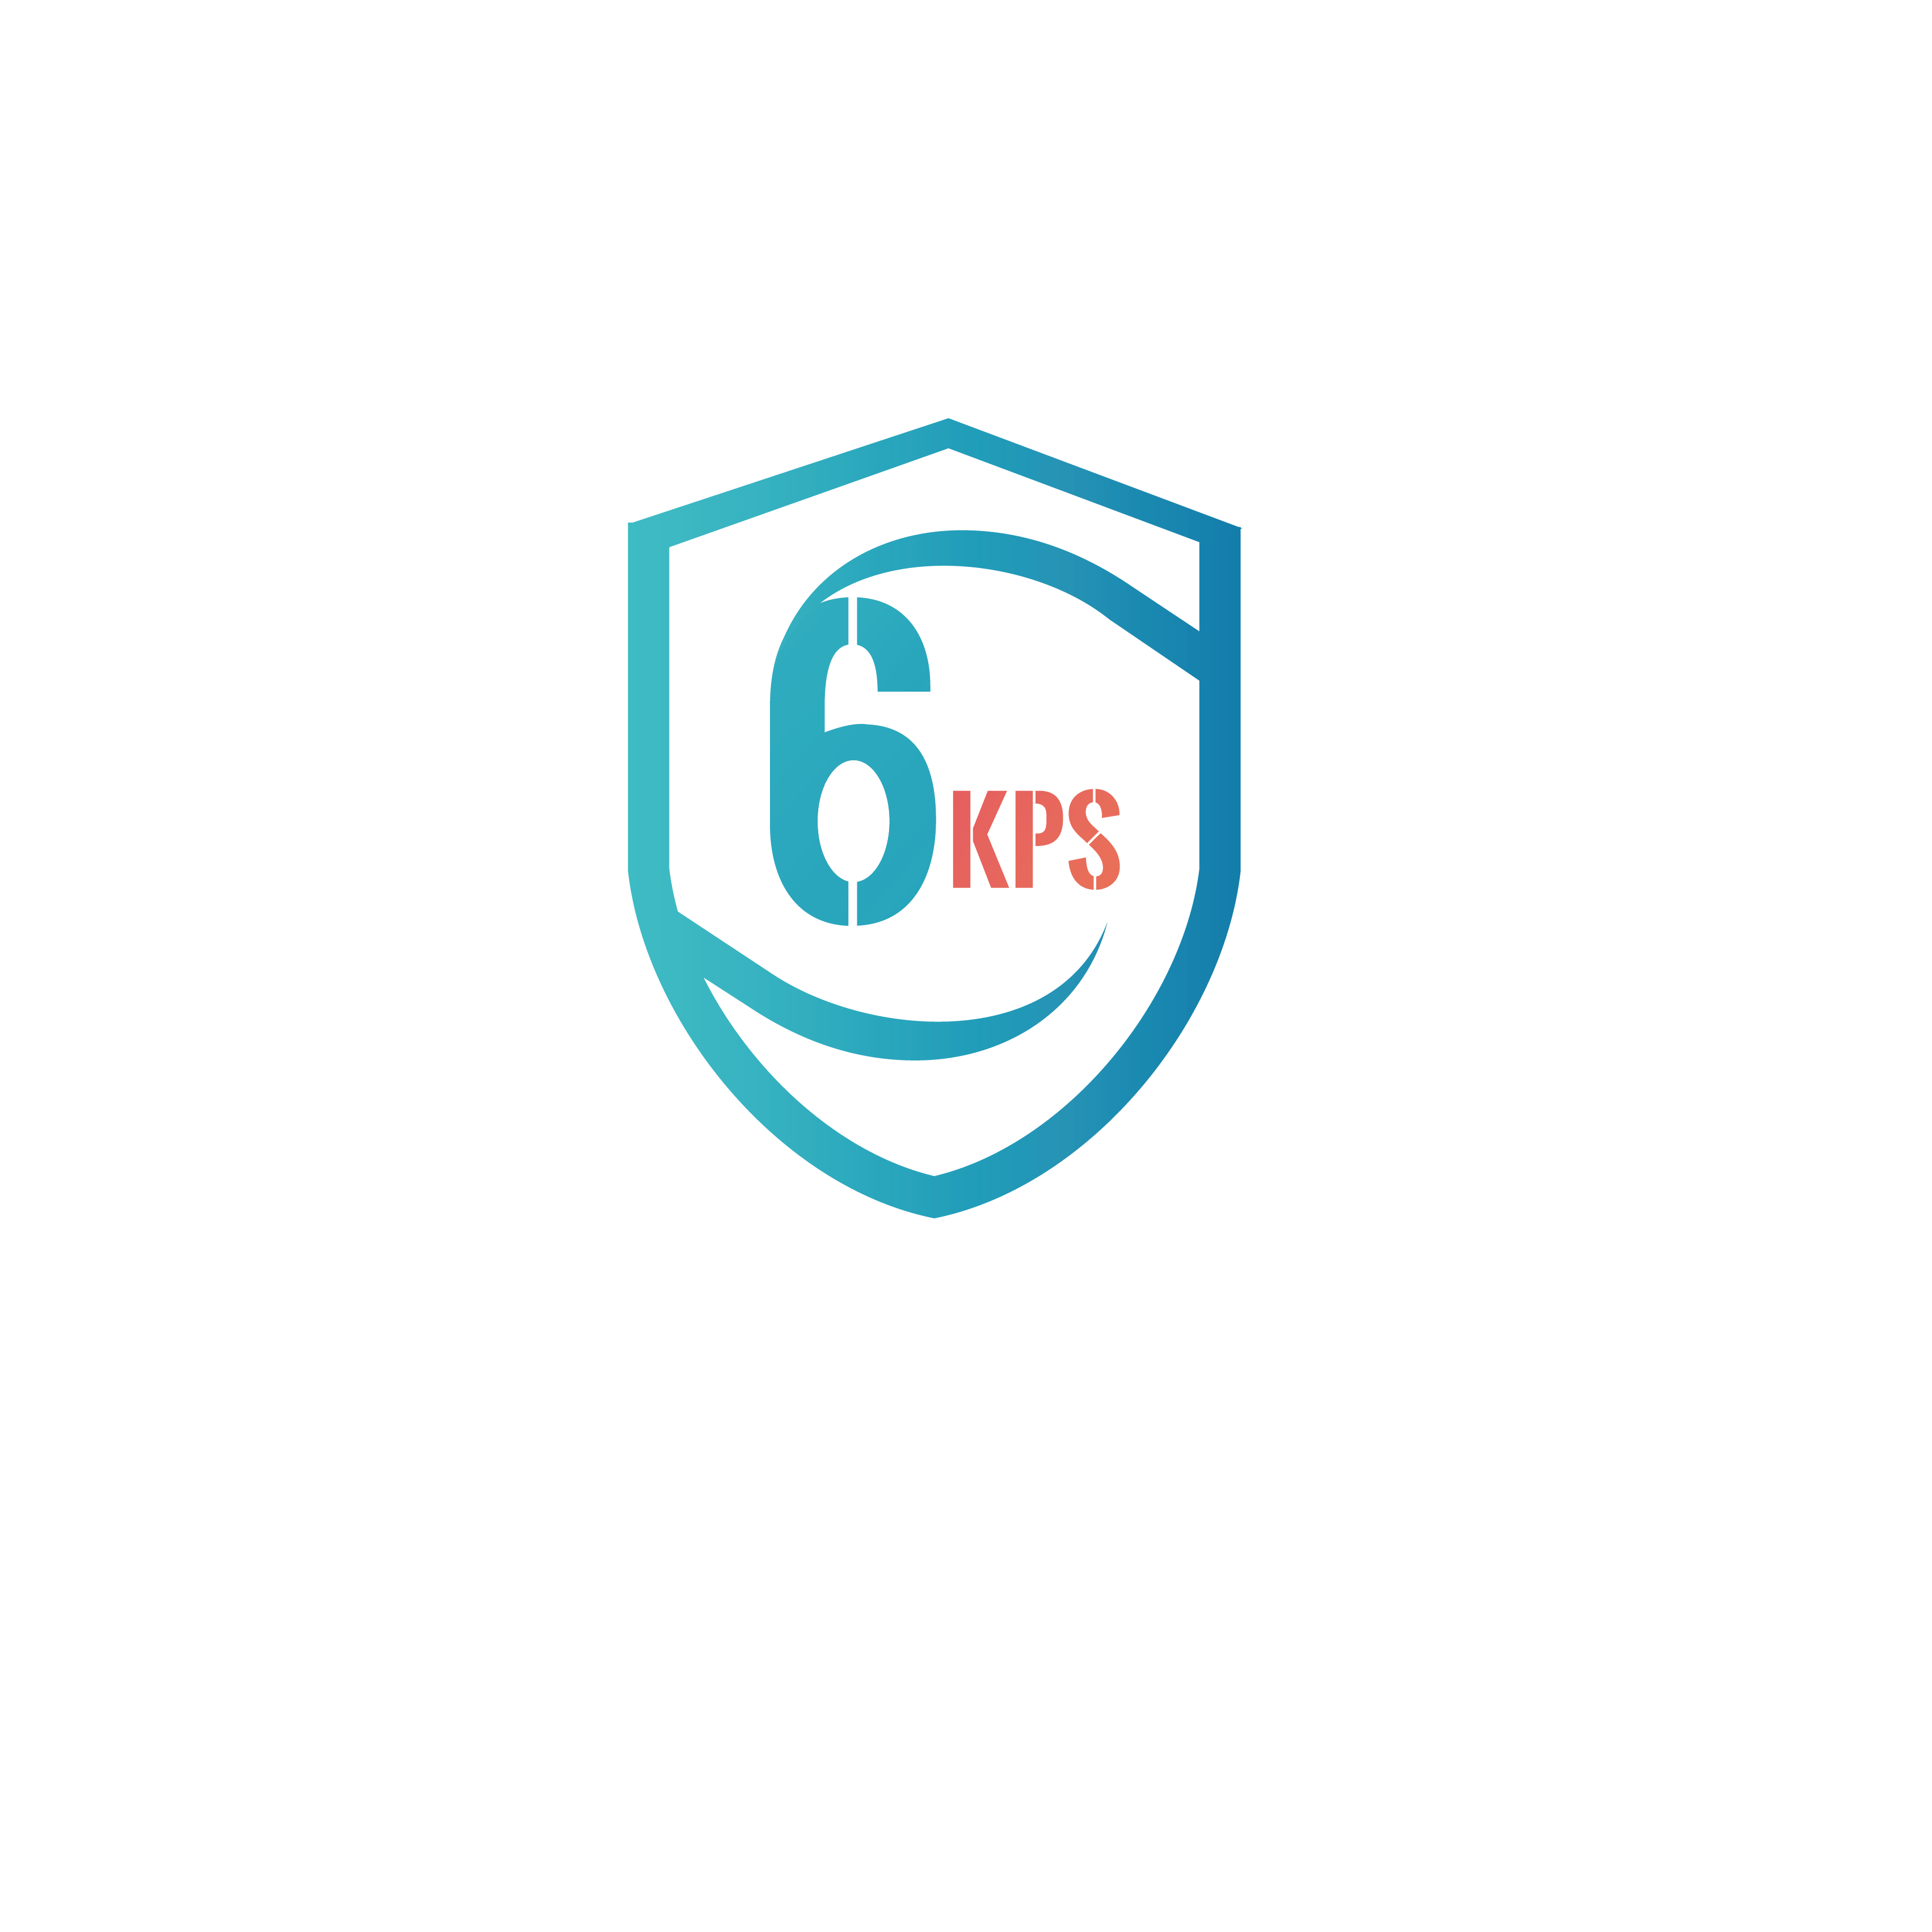 Geek Digital Client 6 kilos protection services